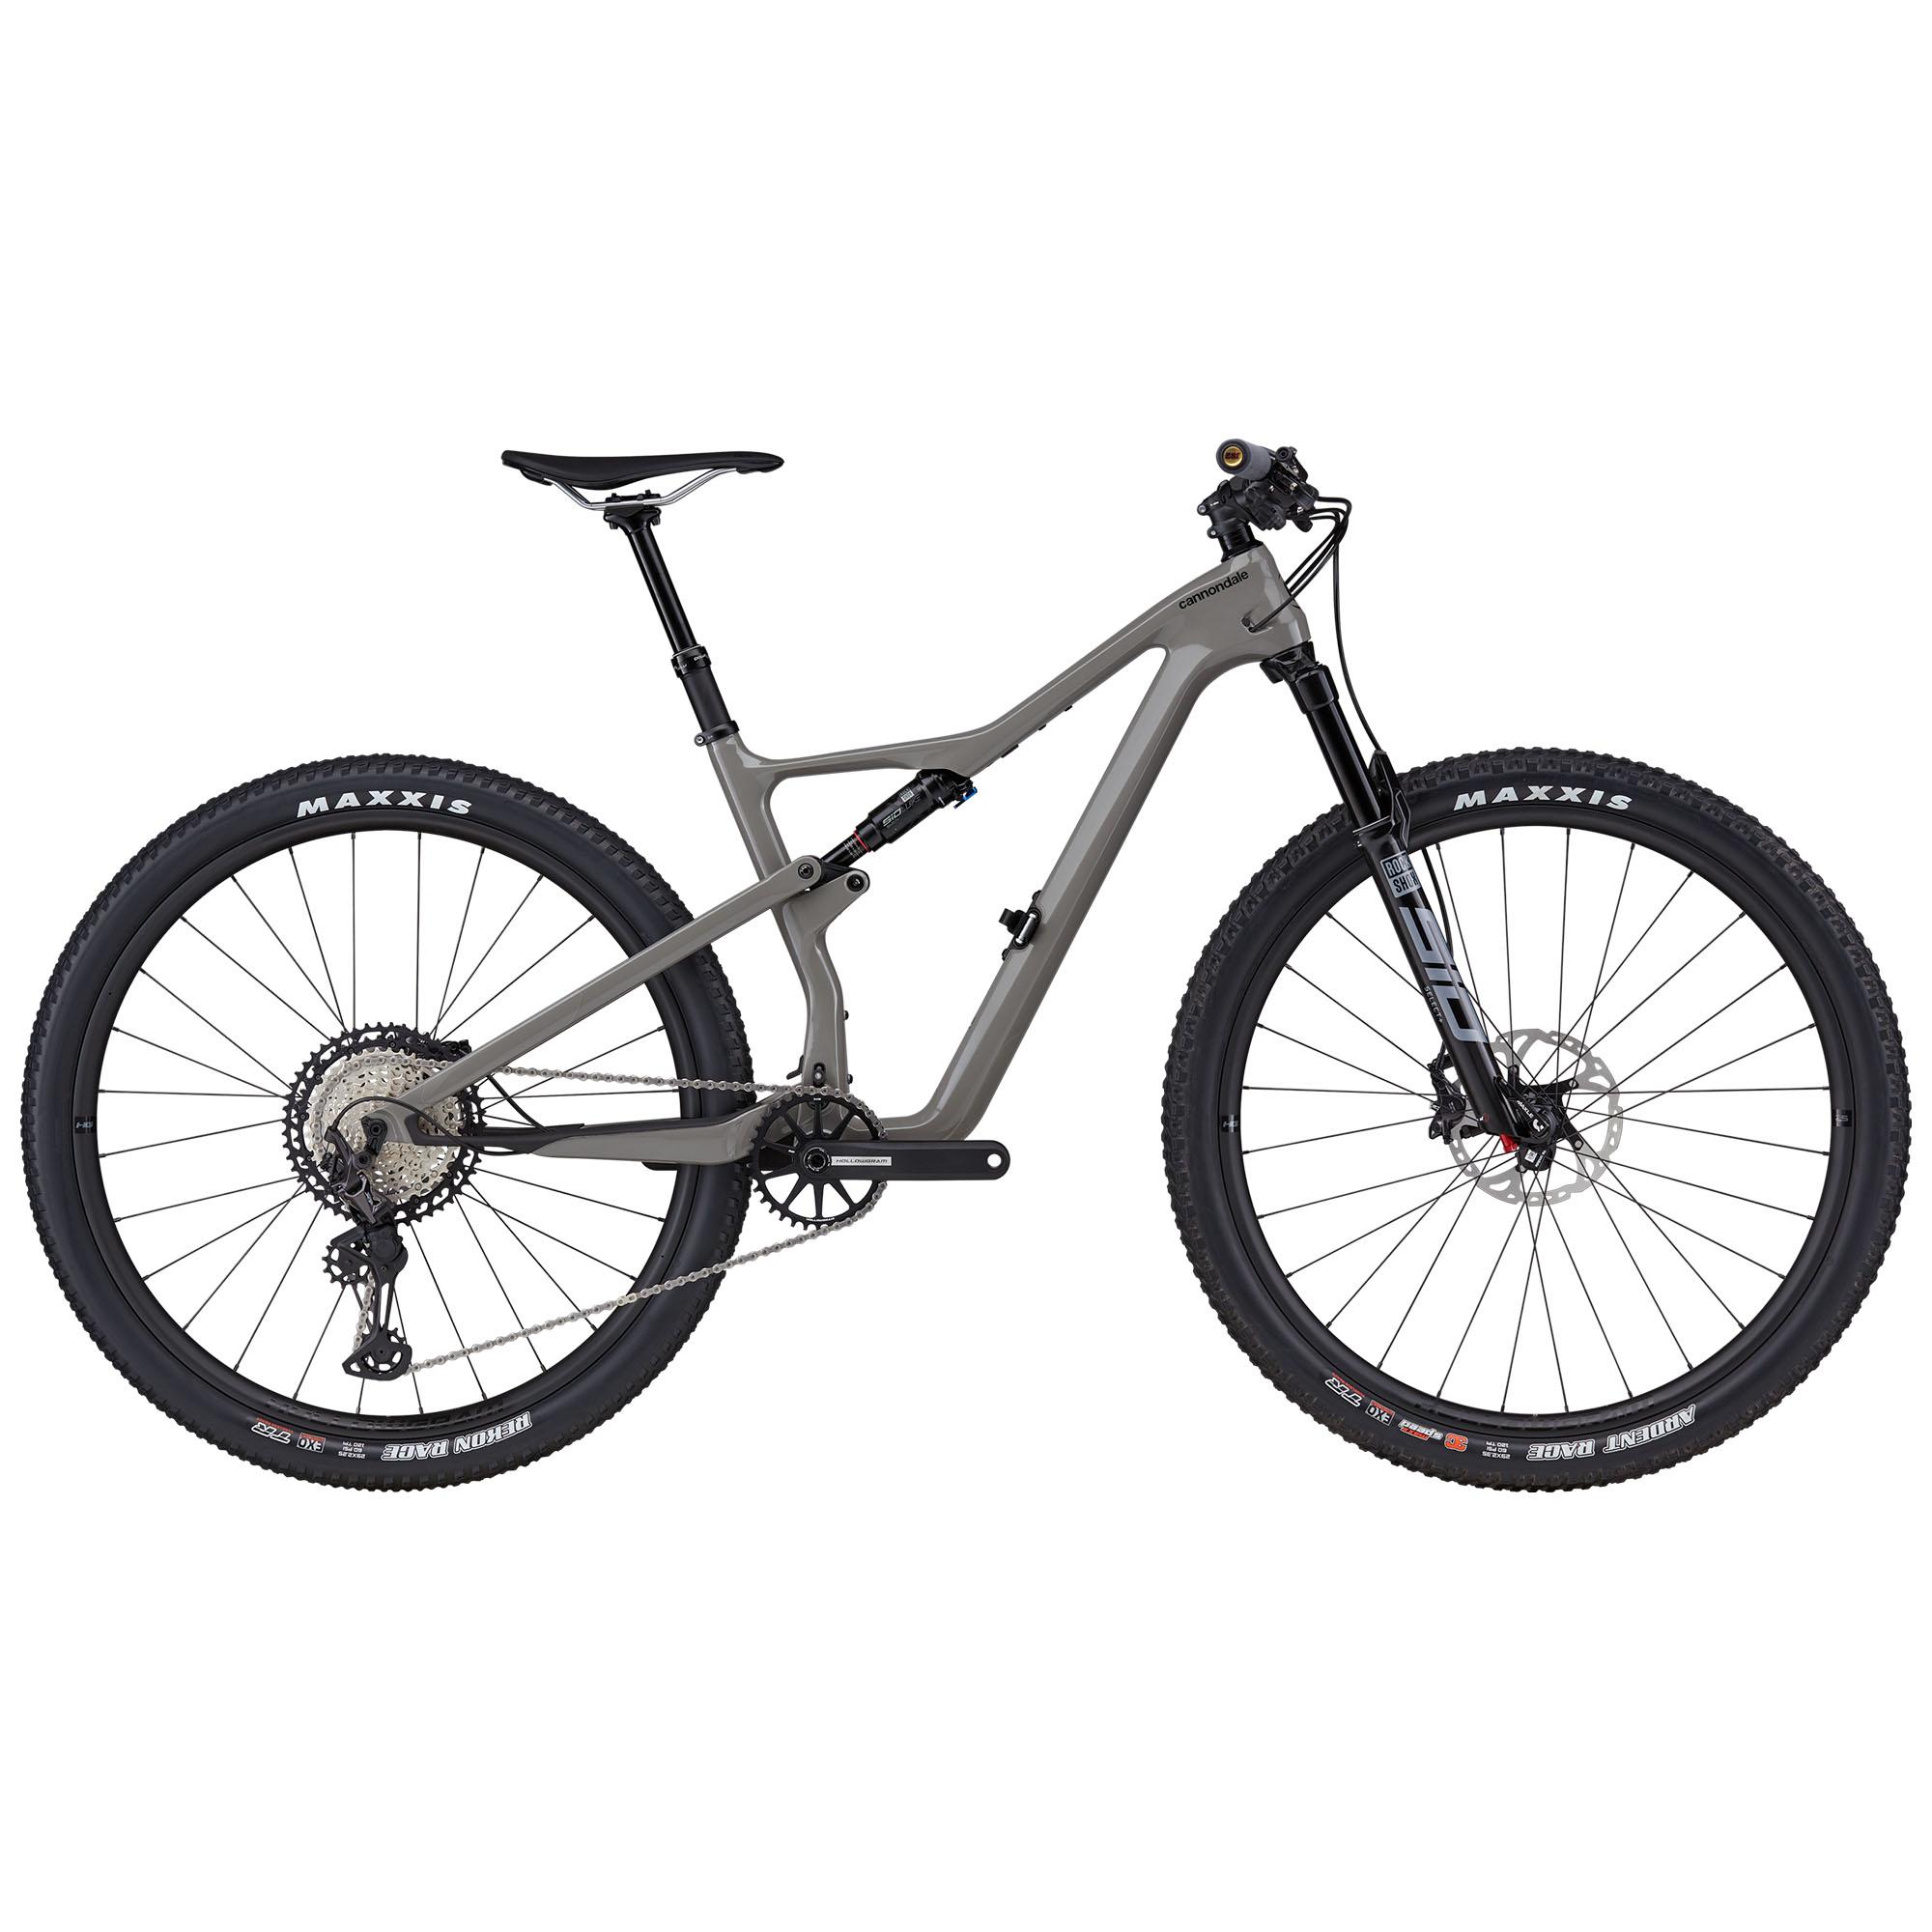 Dorado Suncentech Bicicletas Potencias MTB Bicicletas De Monta/ña Manillar Riser /ø31.8 mm x 45 mm